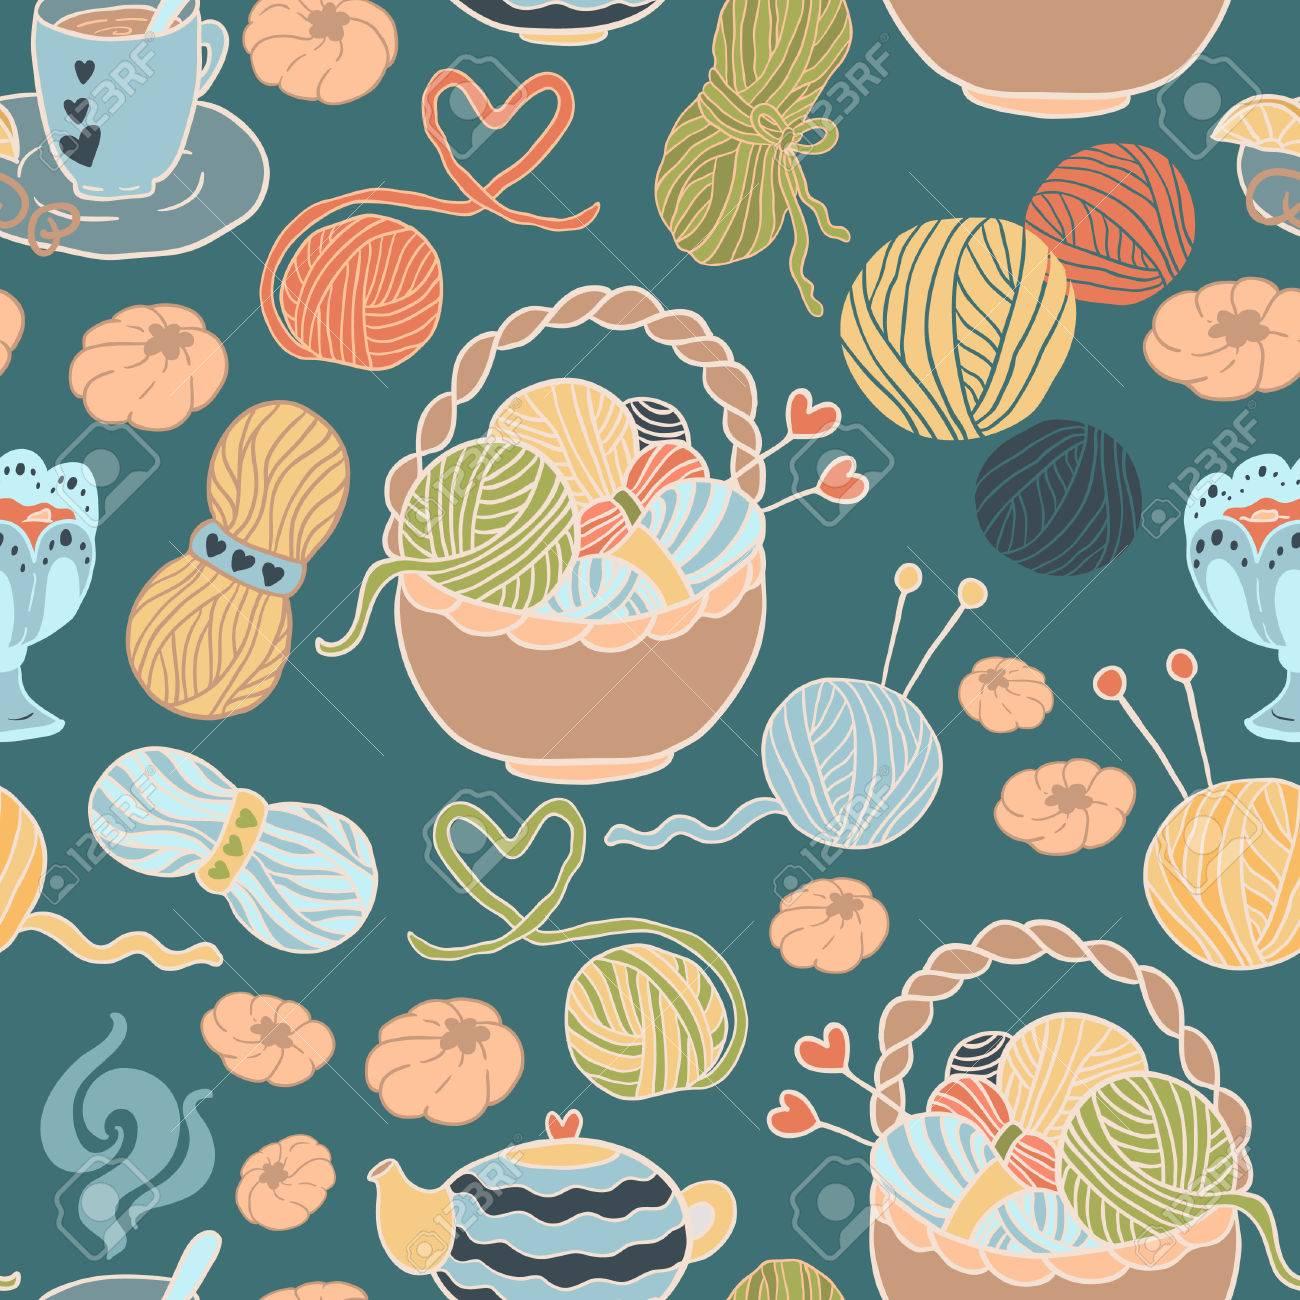 Ich Liebe Stricken! Fun Nahtlose Vektor-Muster Für Ihr Design ...